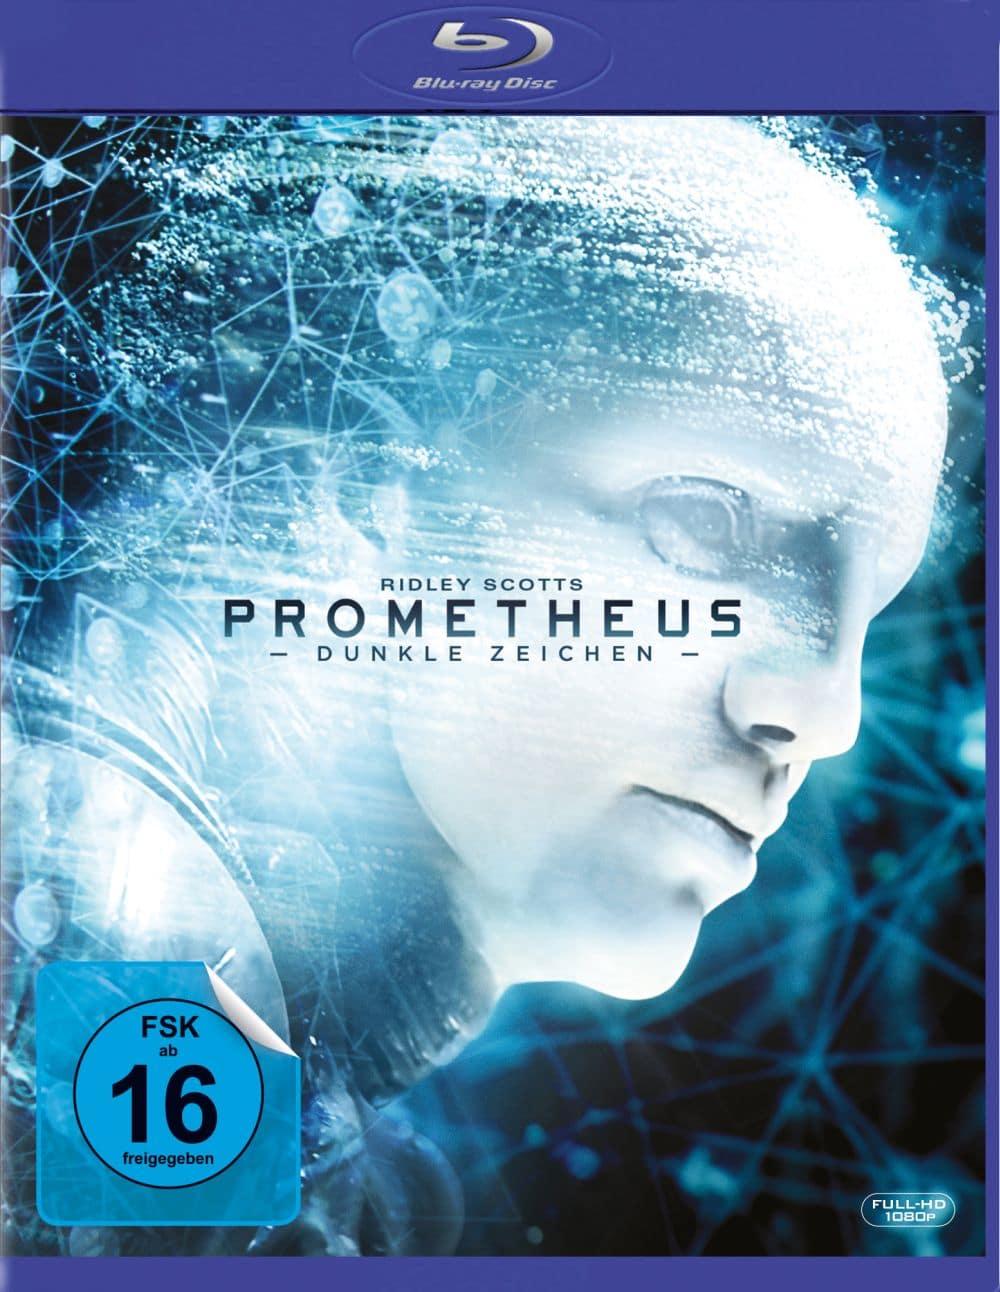 Prometheus – Dunkle Zeichen Besetzung